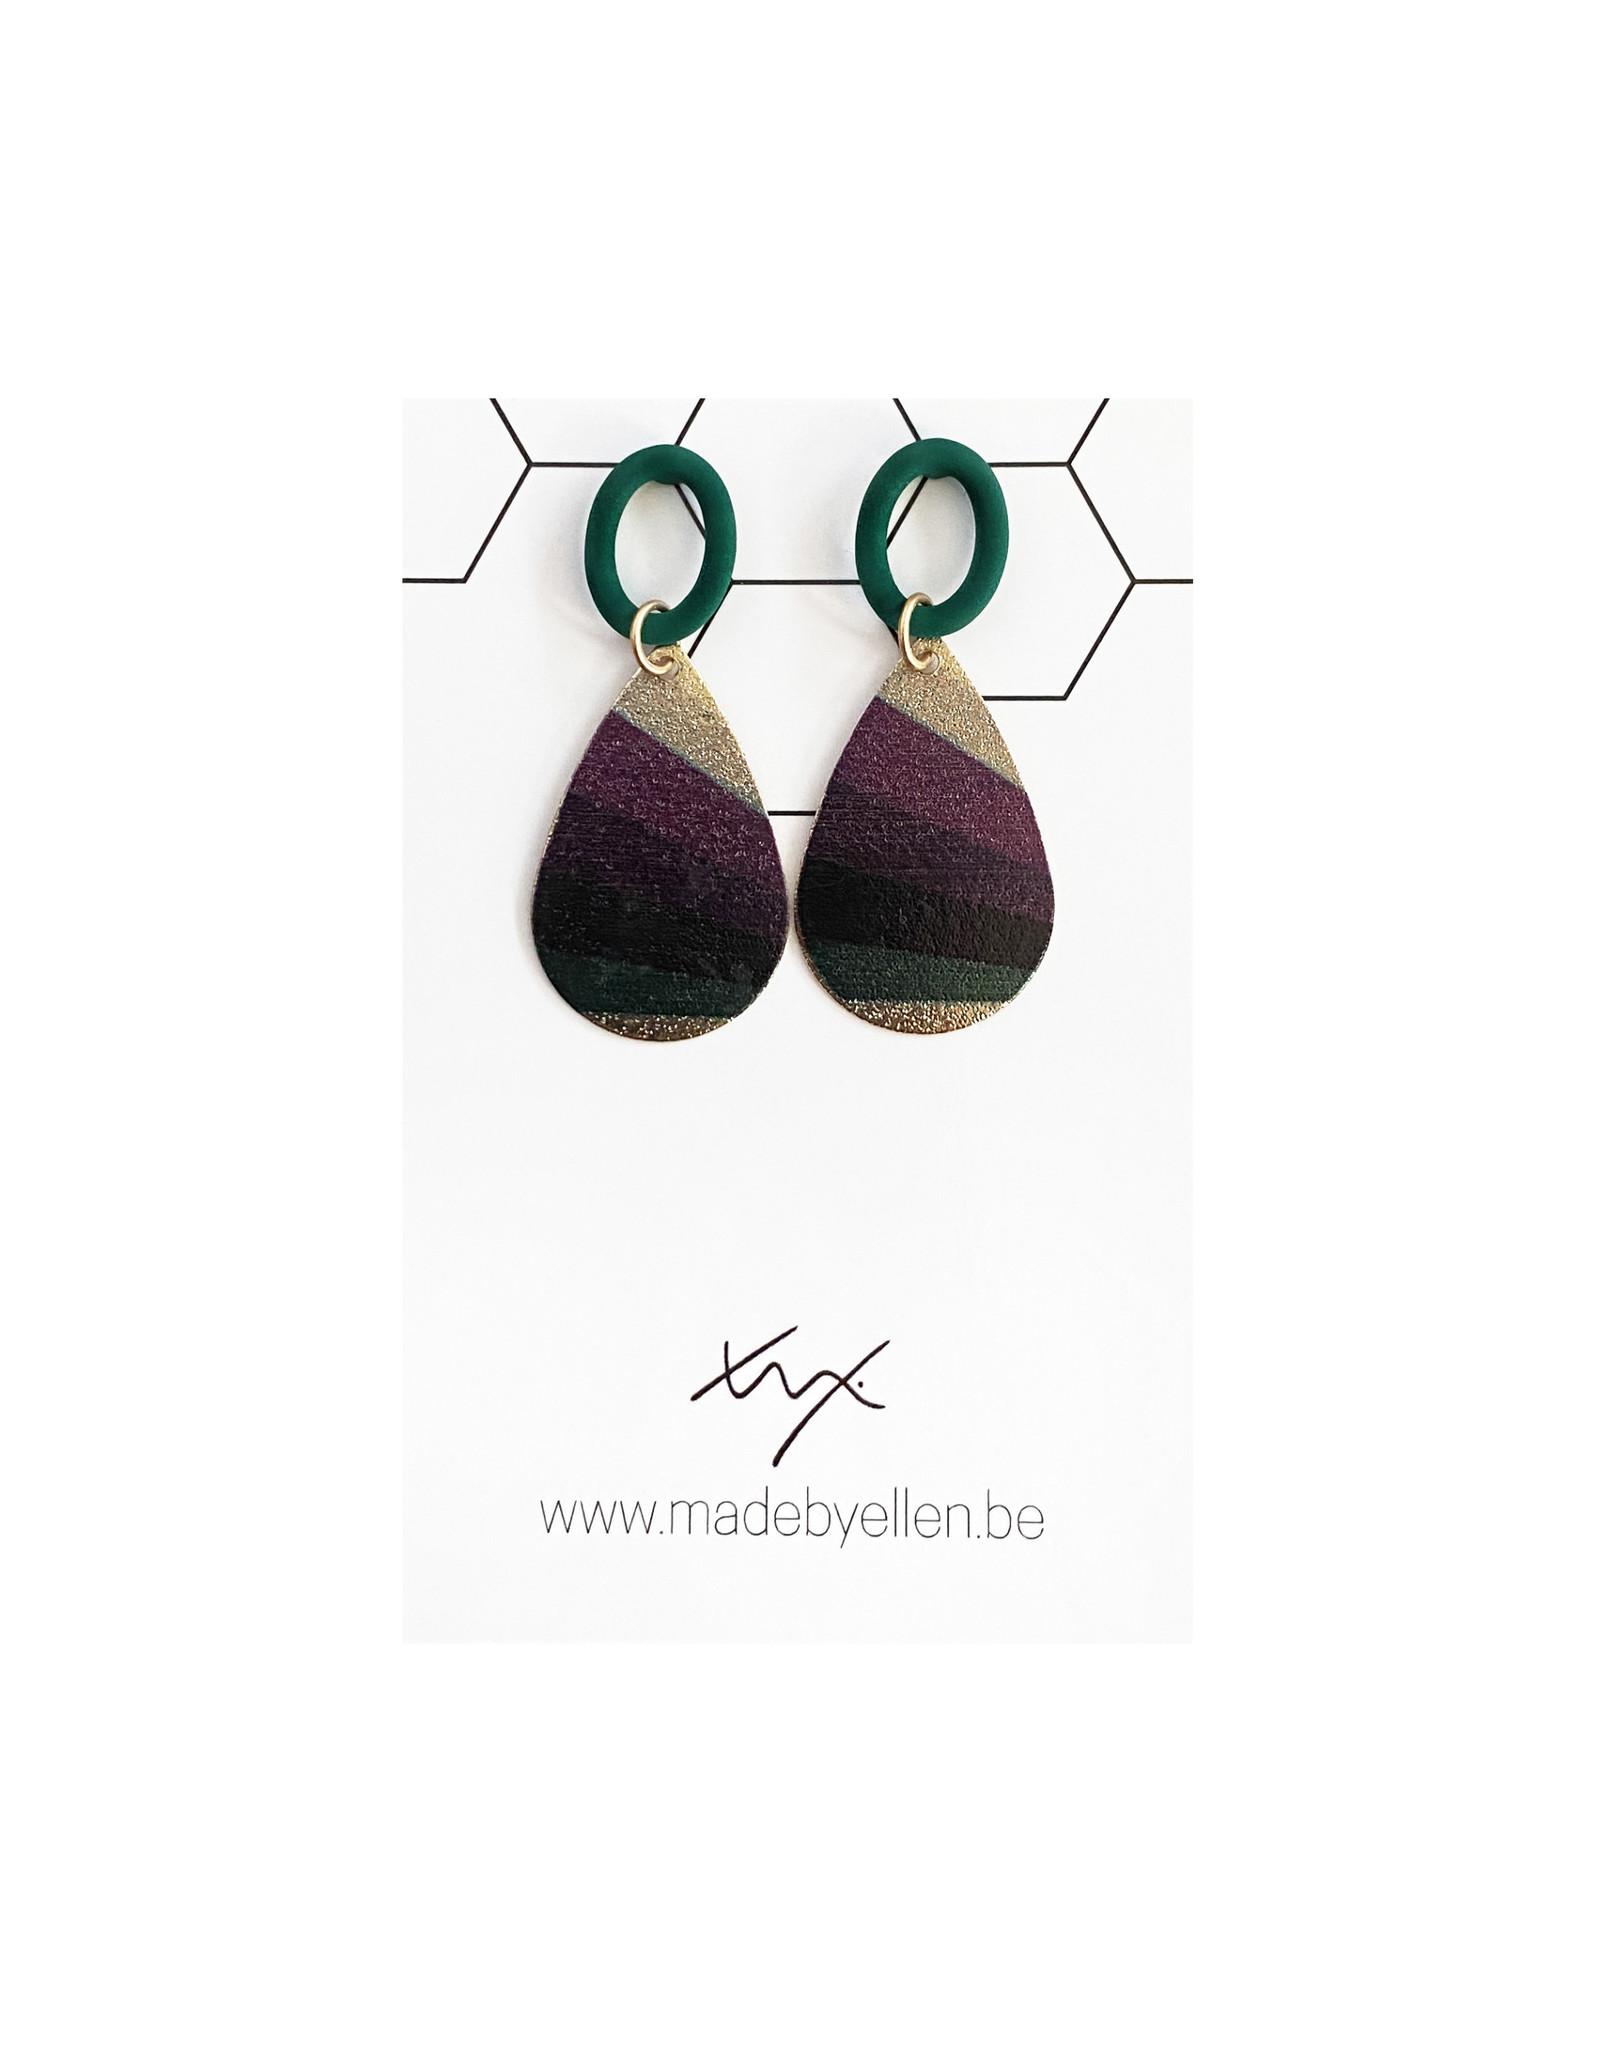 oorbEllen druppel gestreept paars-groen